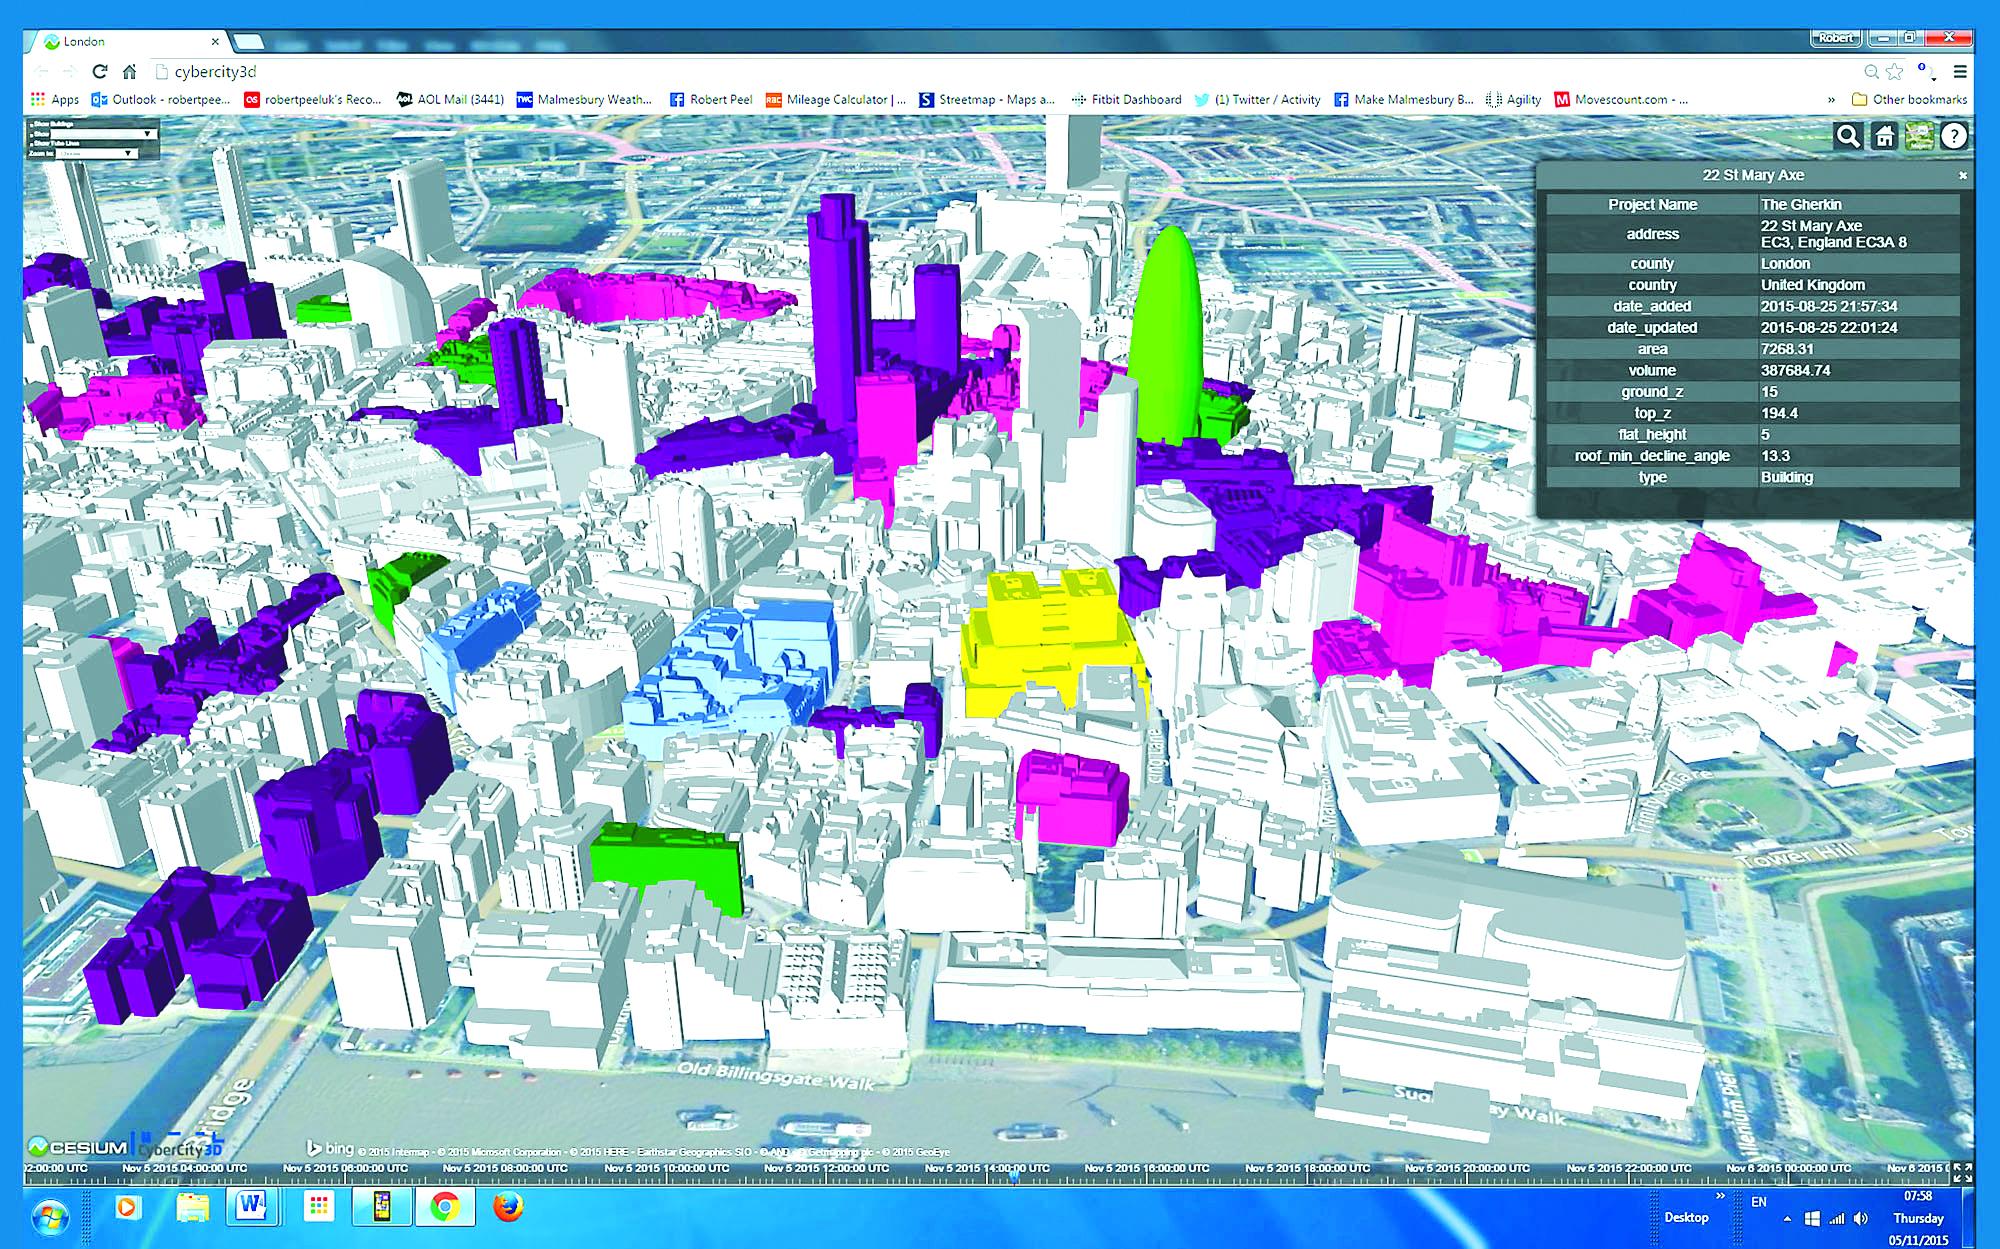 Ứng dụng công nghệ mô phỏng 3D trong quy hoạch quản lý đô thị và thiết kế kiến trúc công trình tại London (Anh)